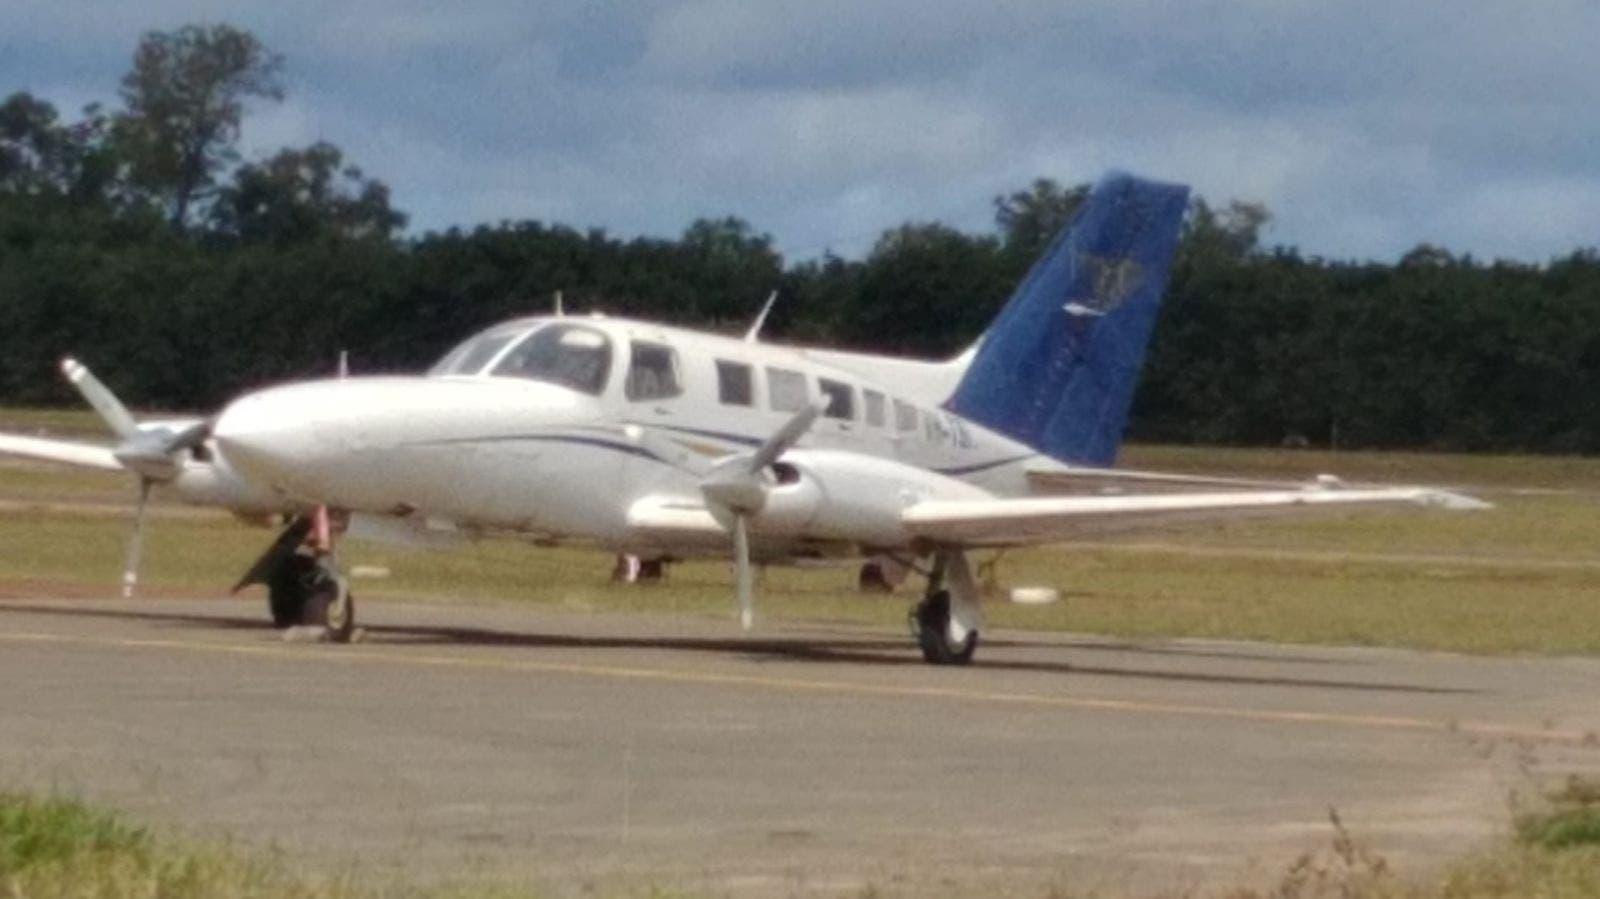 الطائرة التي كانت ستحط بالمخدرات في أستراليا